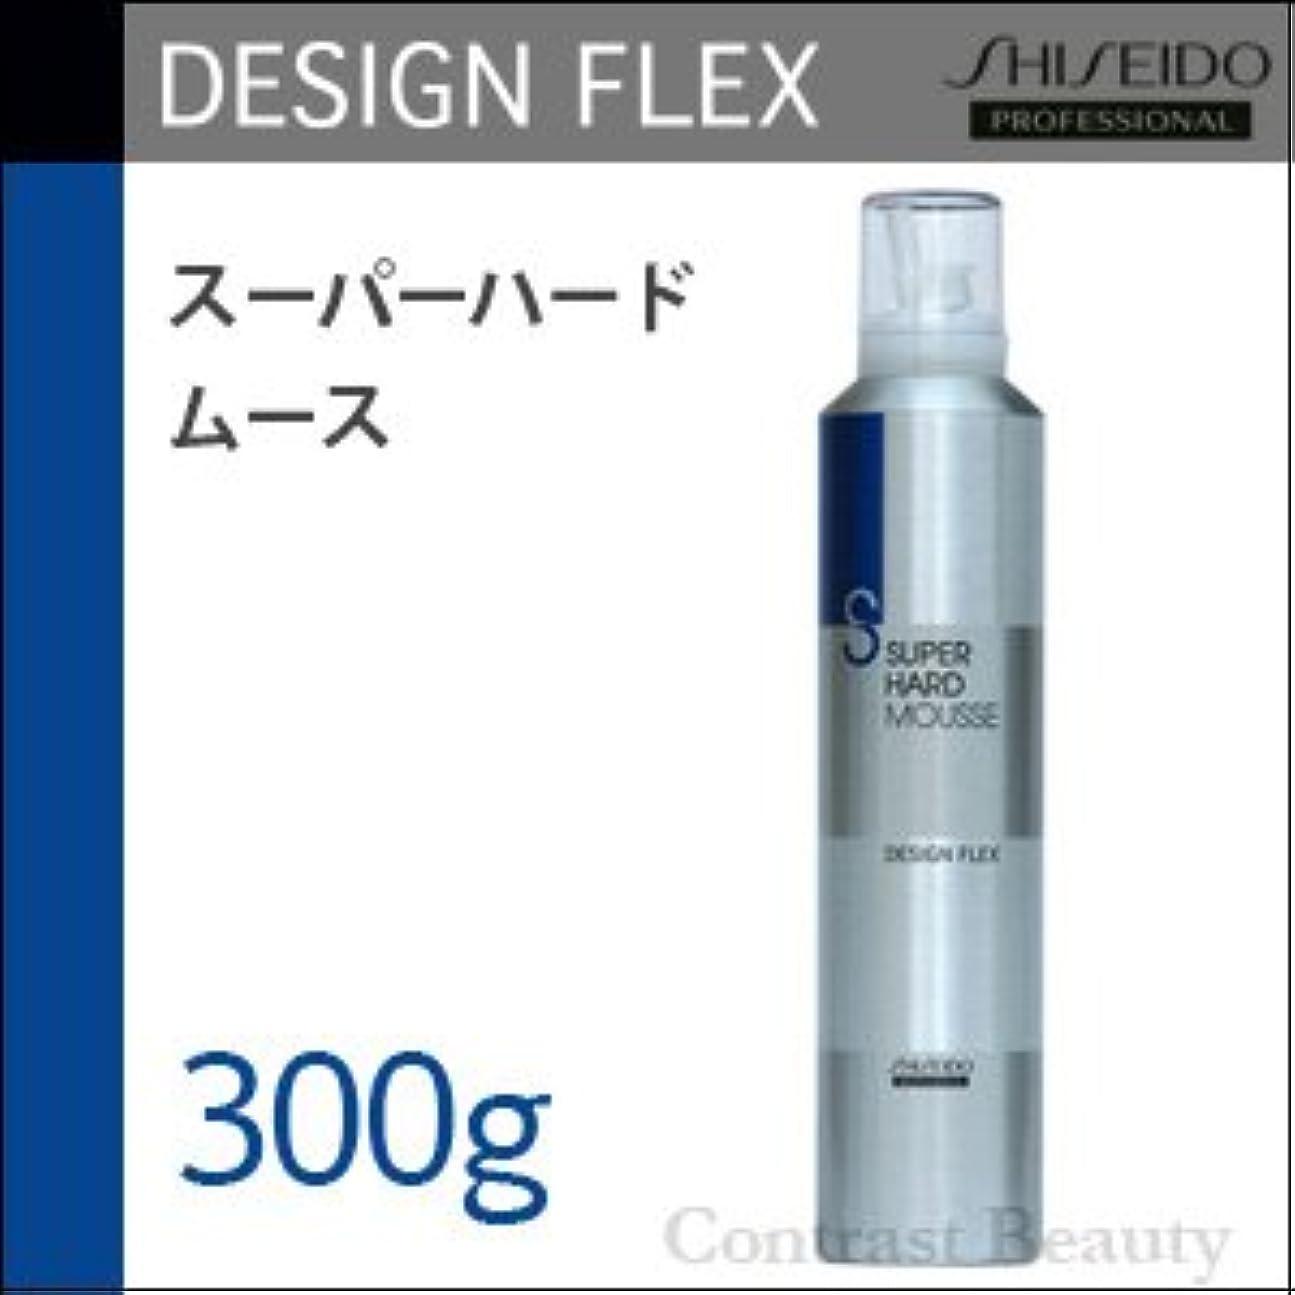 蓮投資する首【x2個セット】 資生堂 デザインフレックス スーパーハードムース 300g